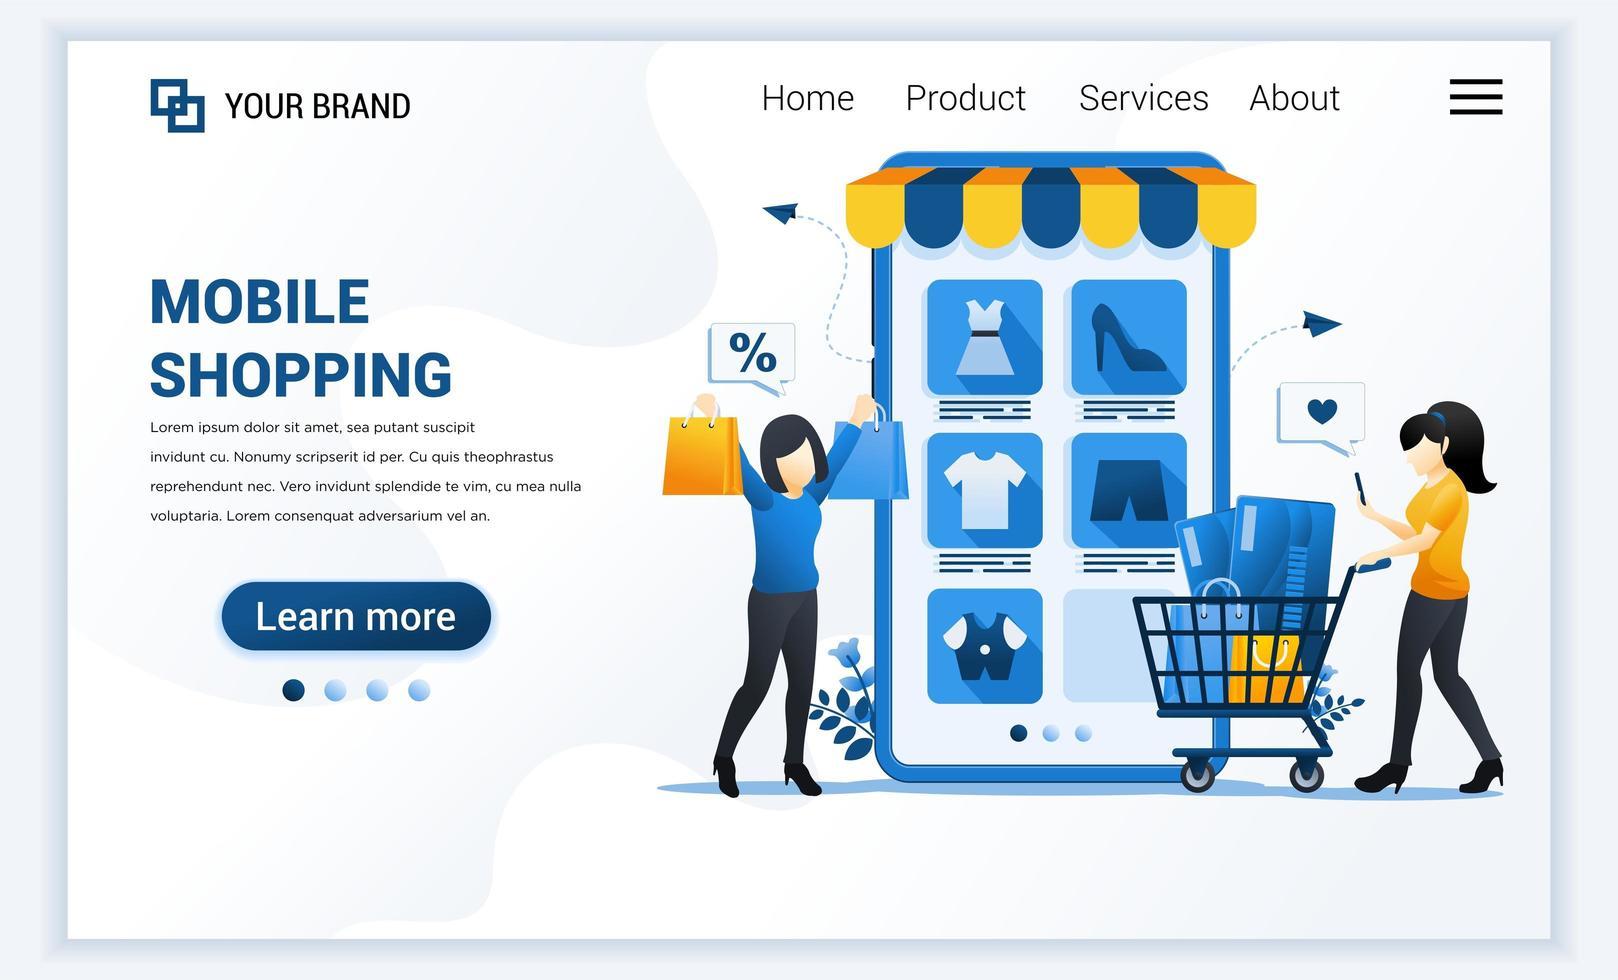 vektor illustration av online shopping koncept. unga kvinnor som köper produkter i online-applikationsbutiken. modern platt webbmallsidesmalldesign för webbplats och mobilwebbplats. platt tecknad stil